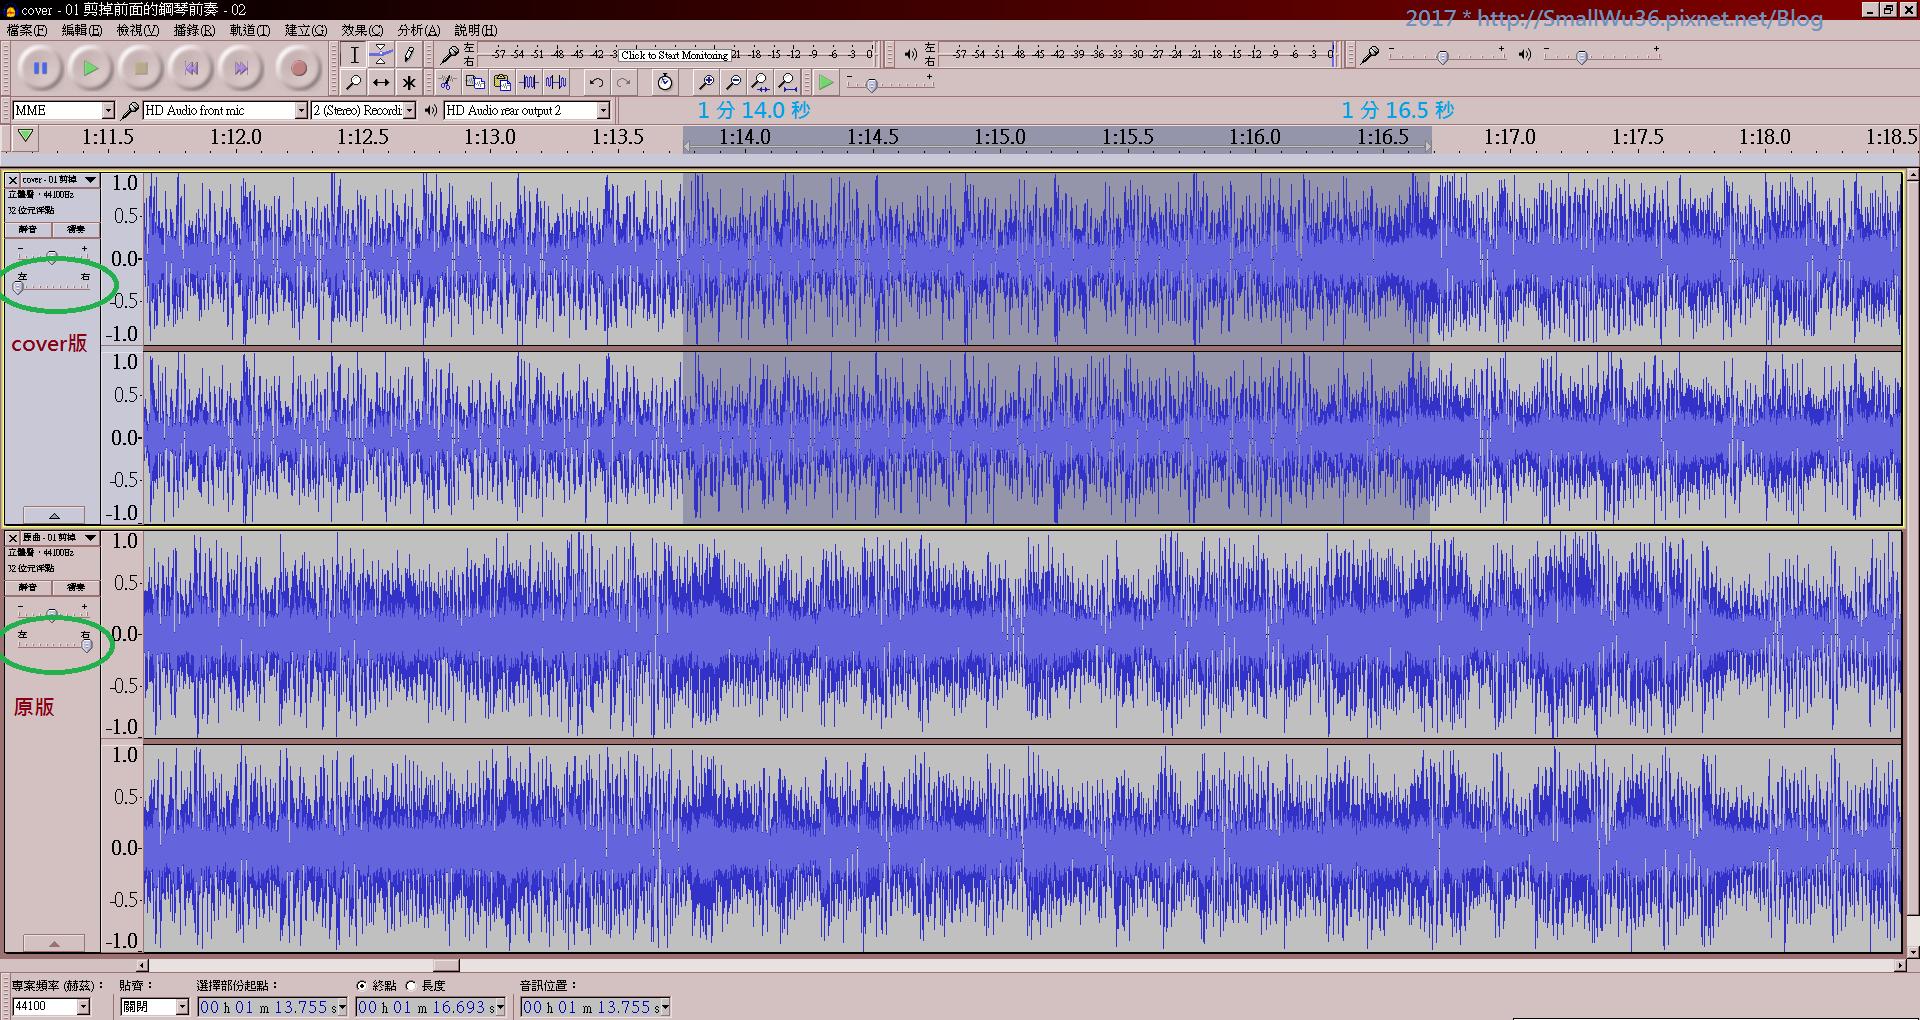 017 樂曲分段 c-1 cover版落後2點9秒 , 分左右聲道就會很明顯 (2).png